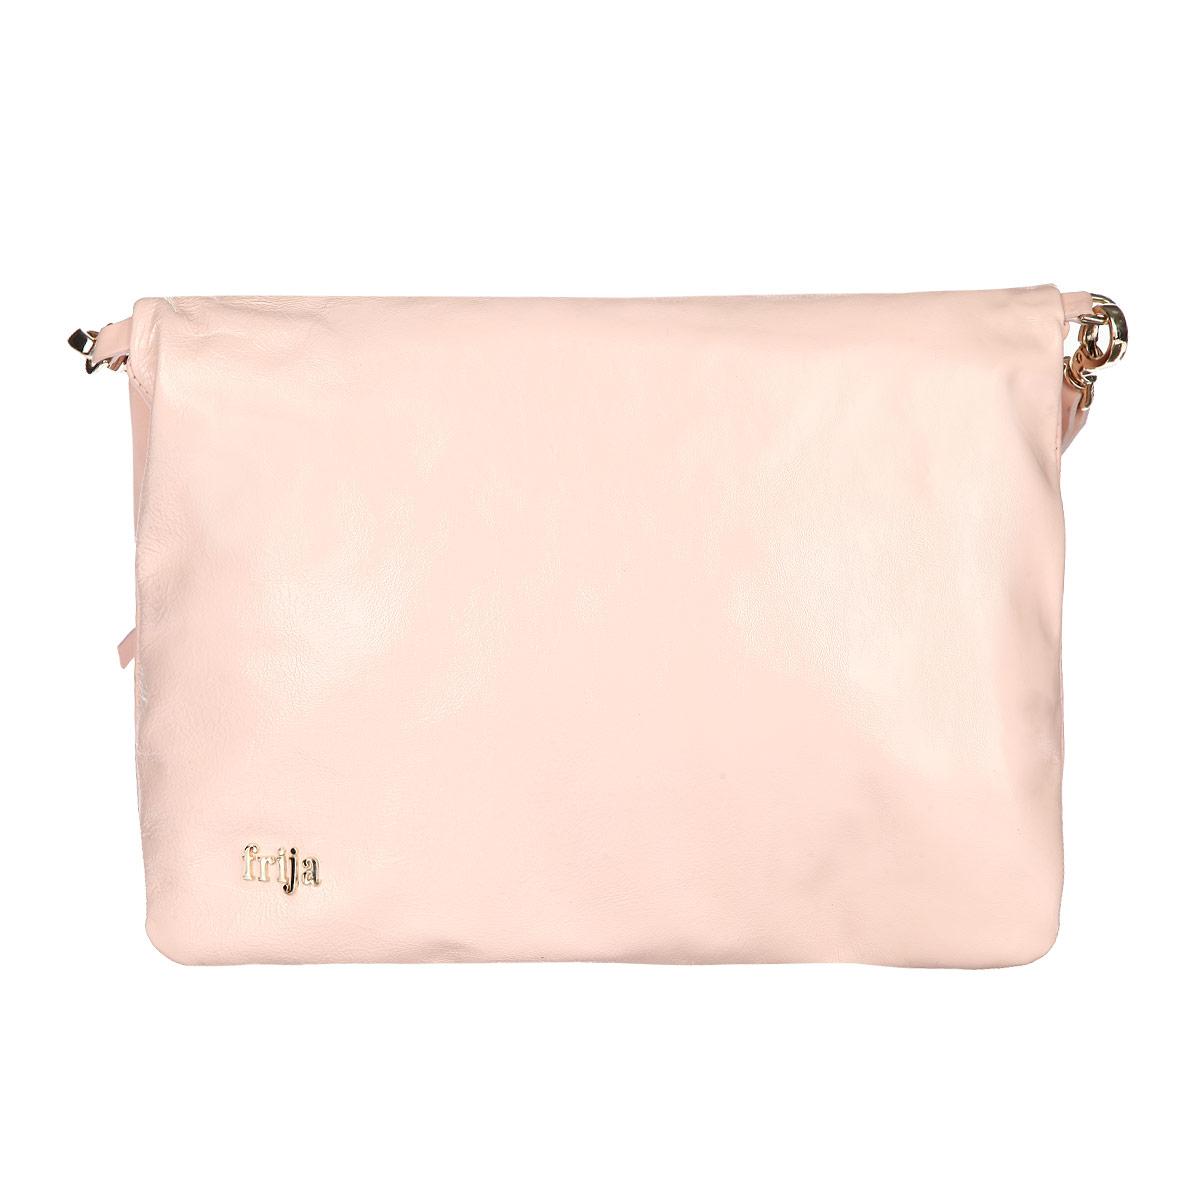 Сумка женская Frija, цвет: розовый. 21-0311-15L39845800Стильная женская сумка Frija выполнена из натуральной кожи, оформлена металлическим элементом с названием бренда.Изделие содержит одно главное отделение, закрывающееся на застежку-молнию, внутри которого расположен вшитый карман на молнии. Сумка дополнена практичной съемной лямкой, которая позволит носить ее как в руках, так и на плече.Такая сумка прекрасно дополнит ваш образ.